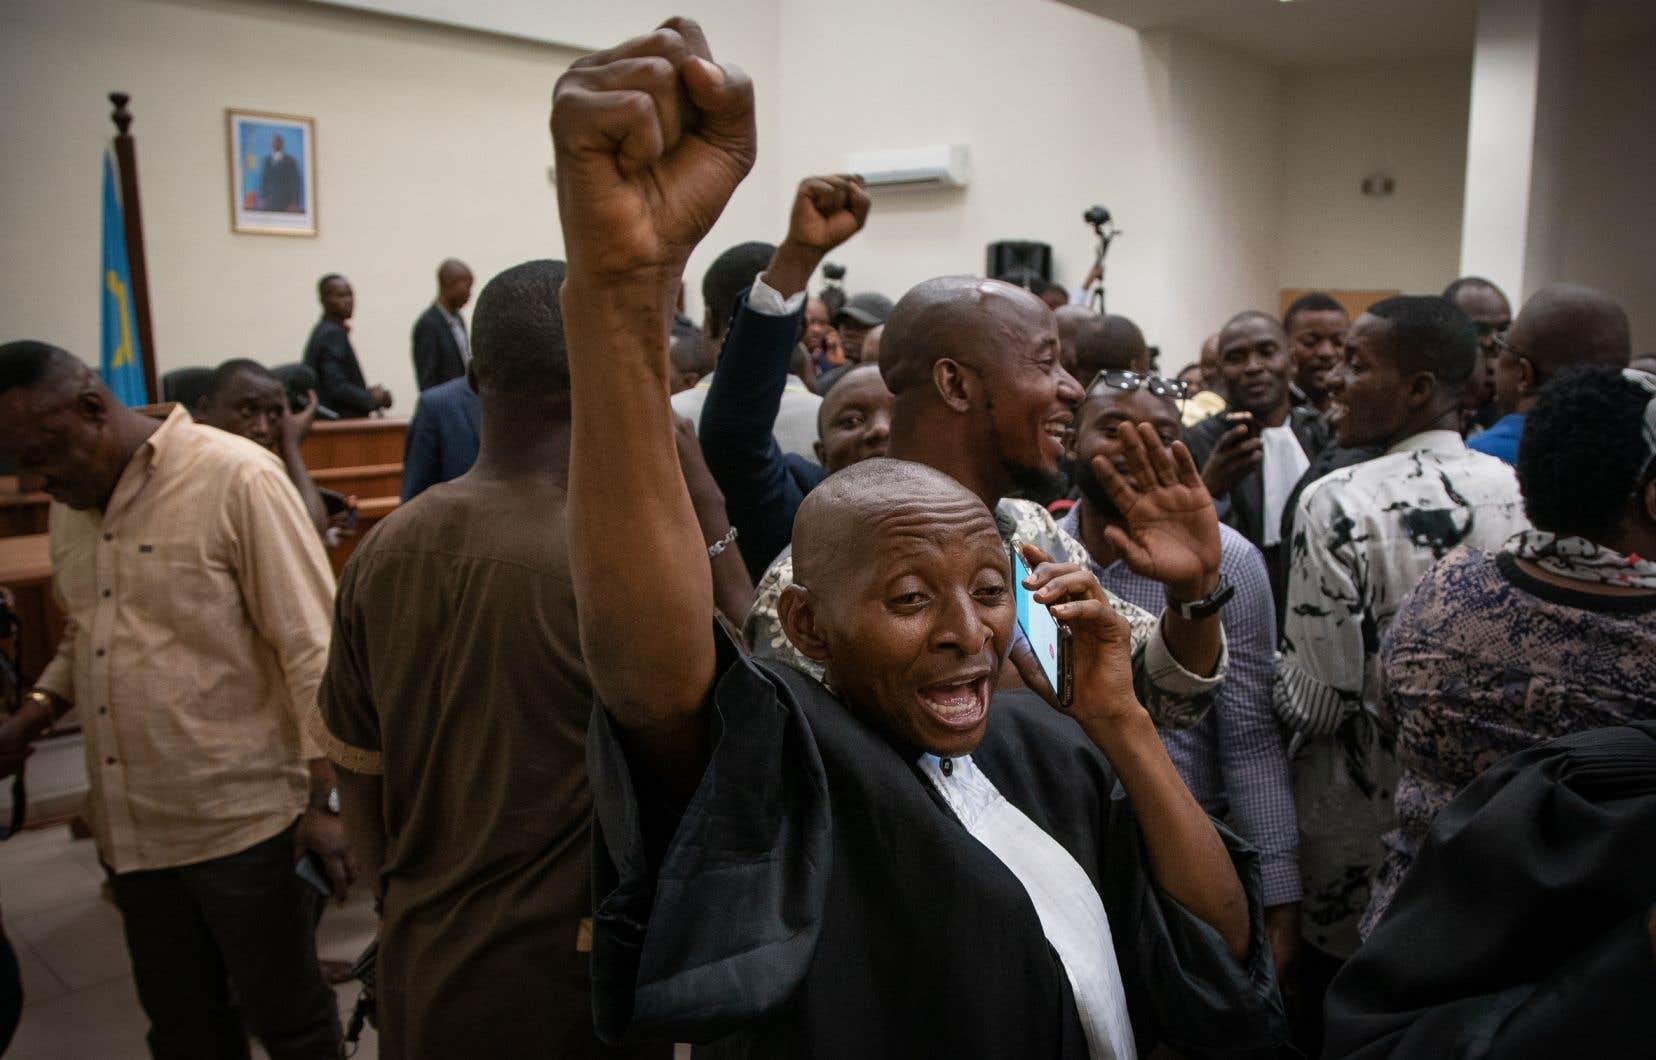 Les avocats représentant Felix Tshisekedi célèbrent après l'annonce des juges de la Cour constitutionnelle qui ont invalidé l'appel de Martin Fayulu et confirmé la victoire de Tshisekedi à l'élection présidentielle.